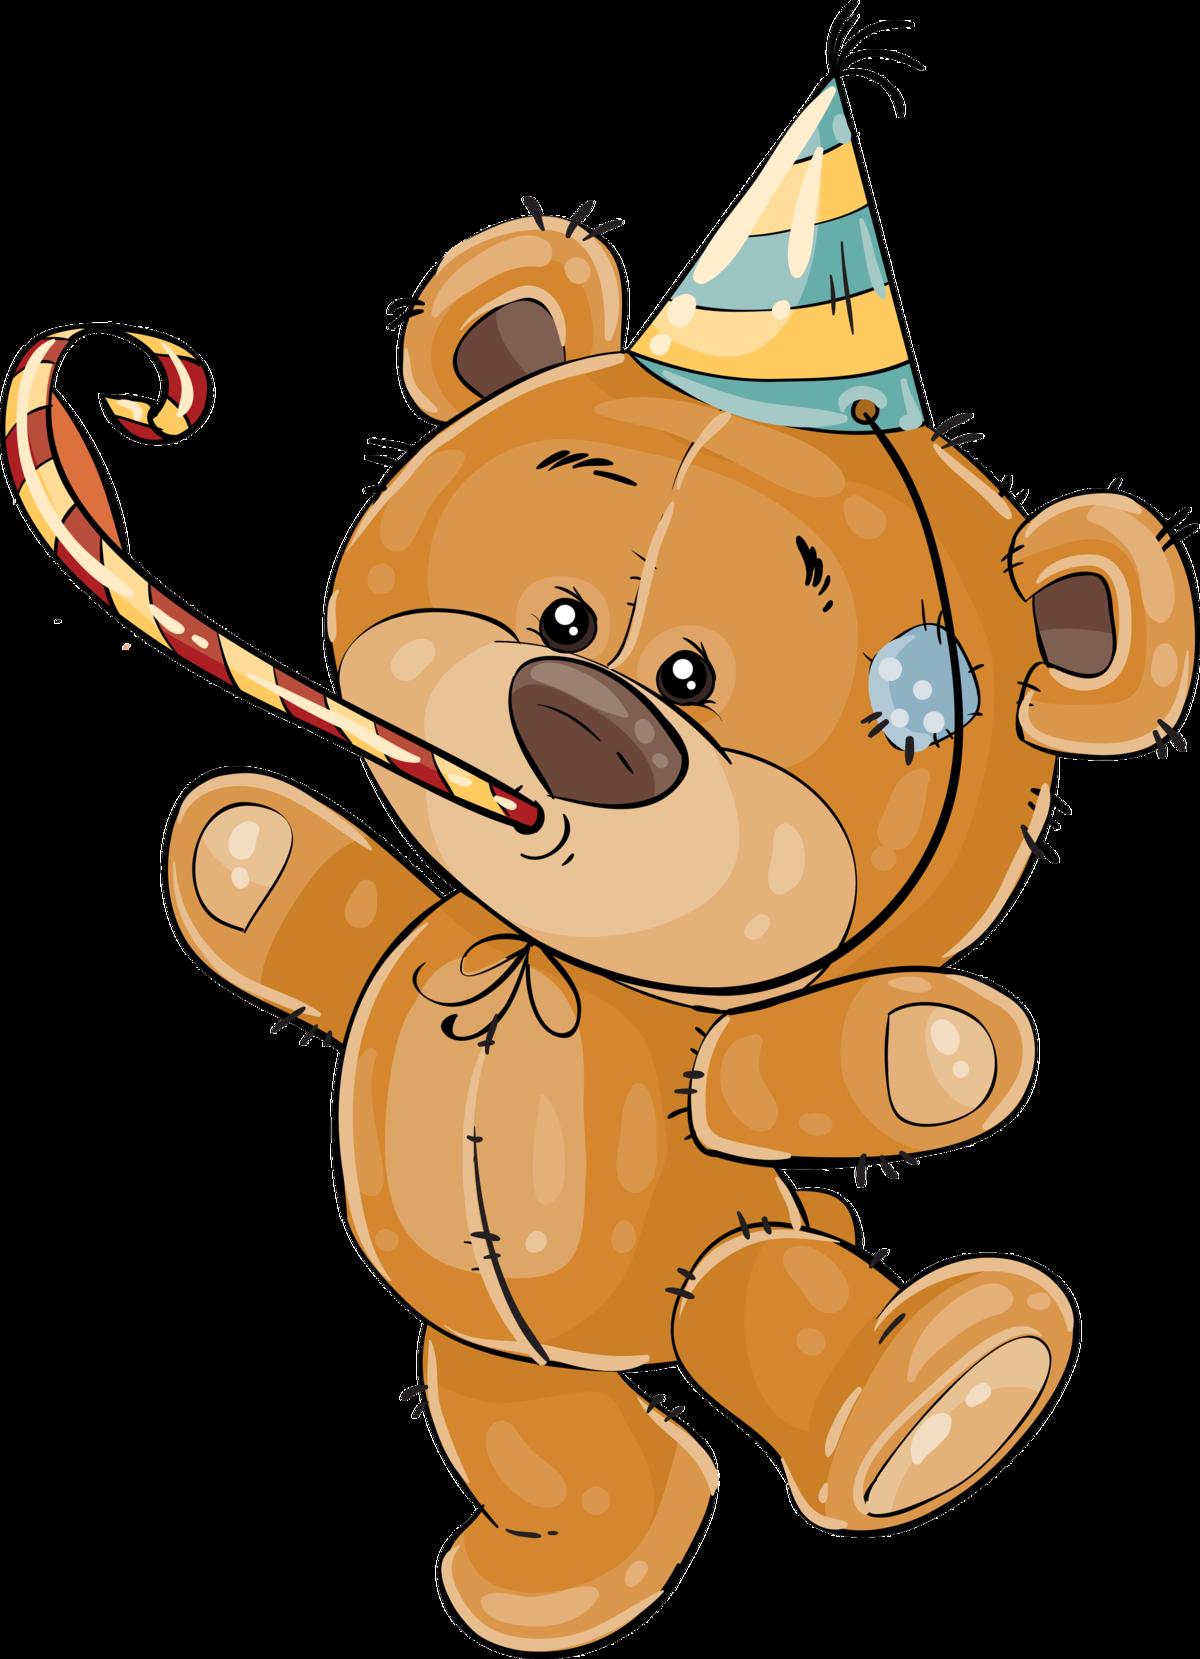 Медведь прикольные картинки мультяшные